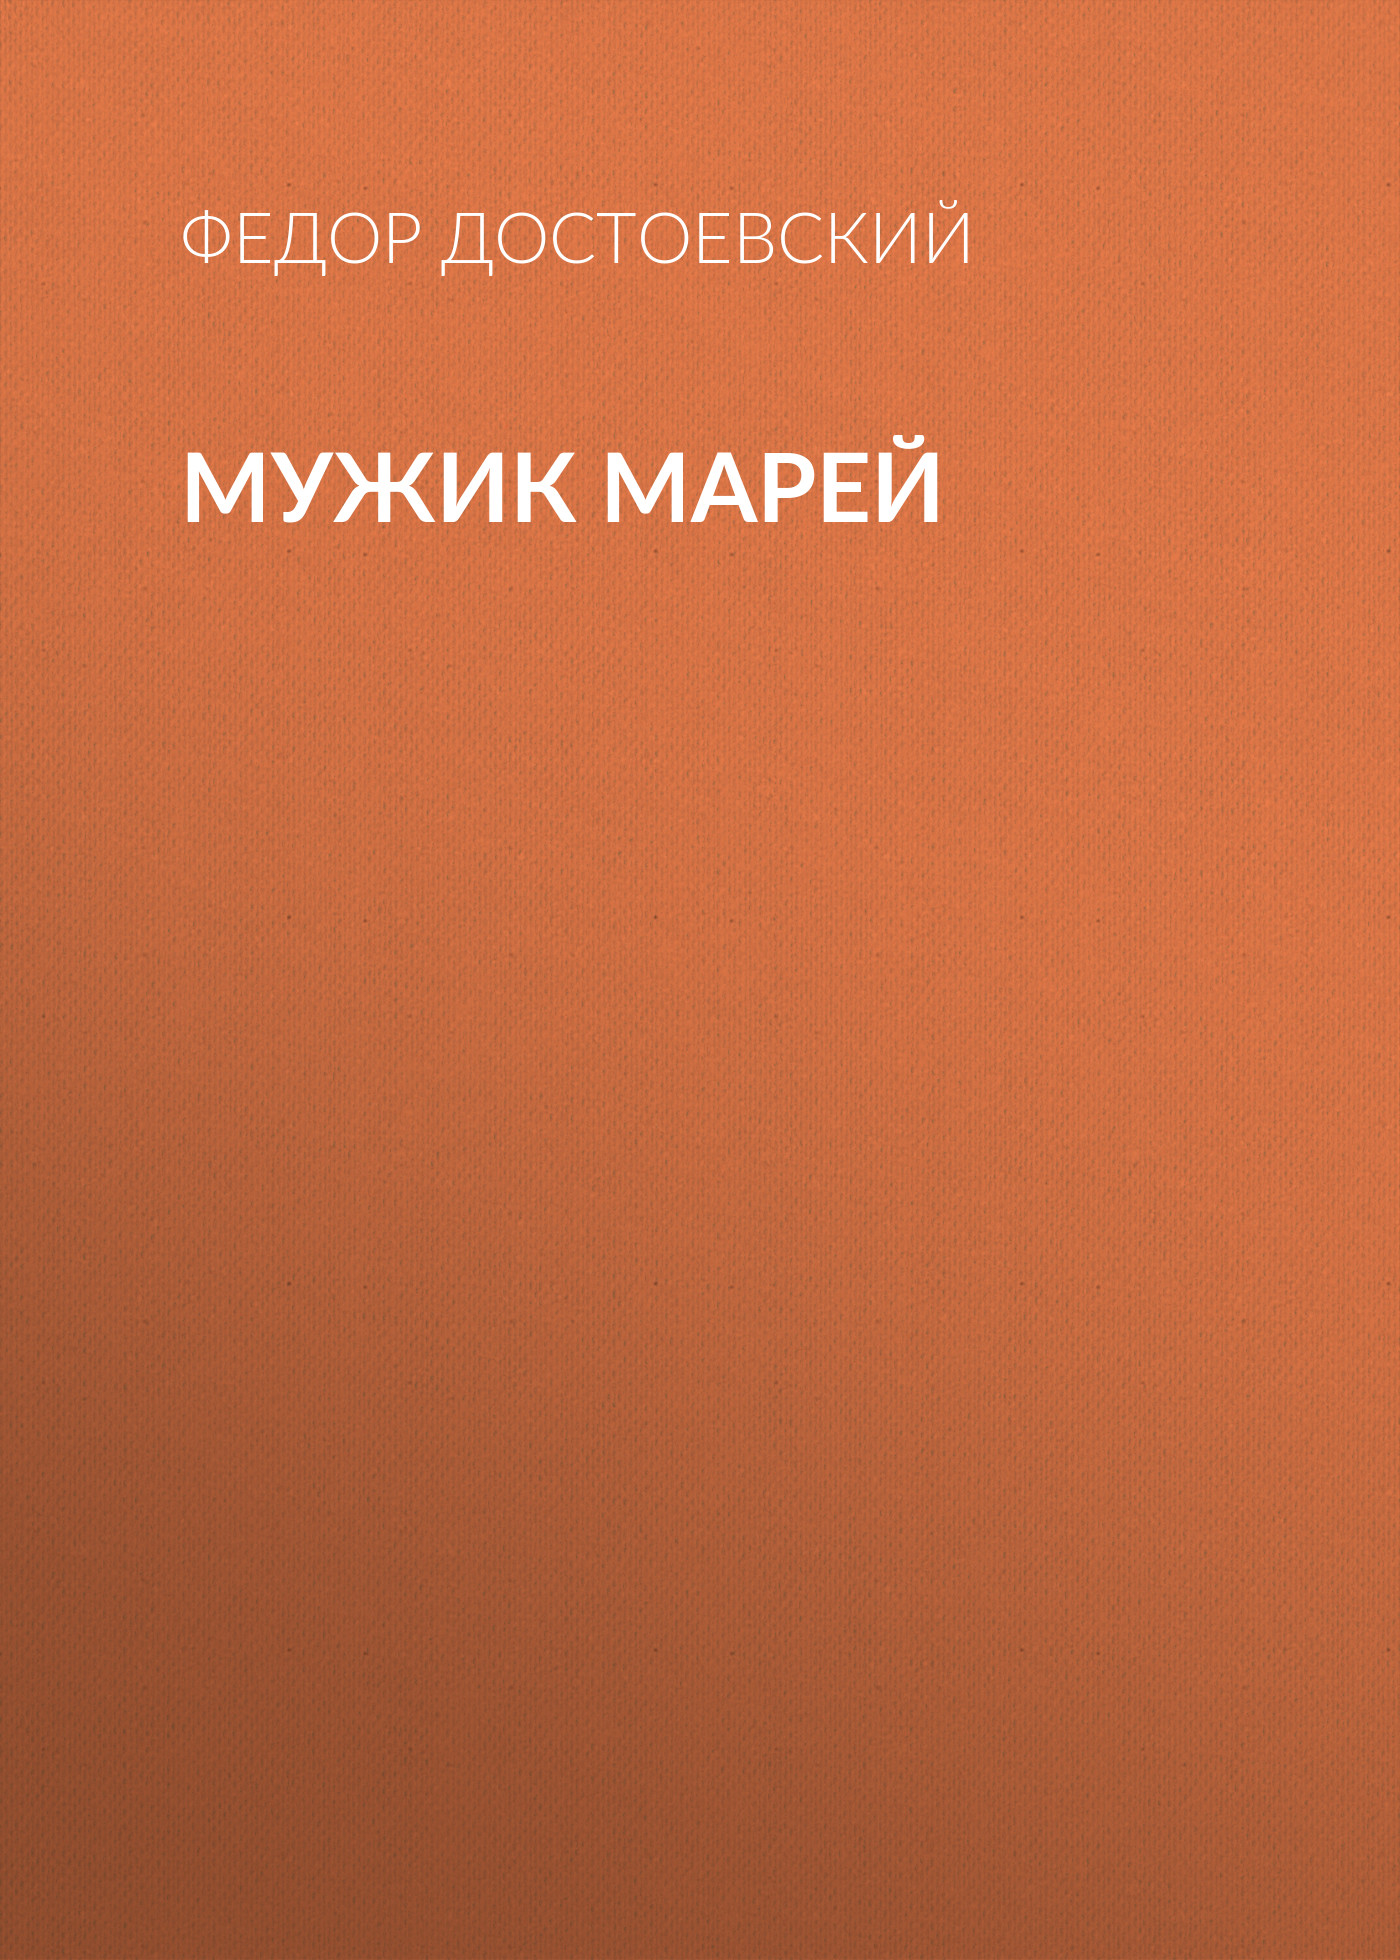 Мужик Марей